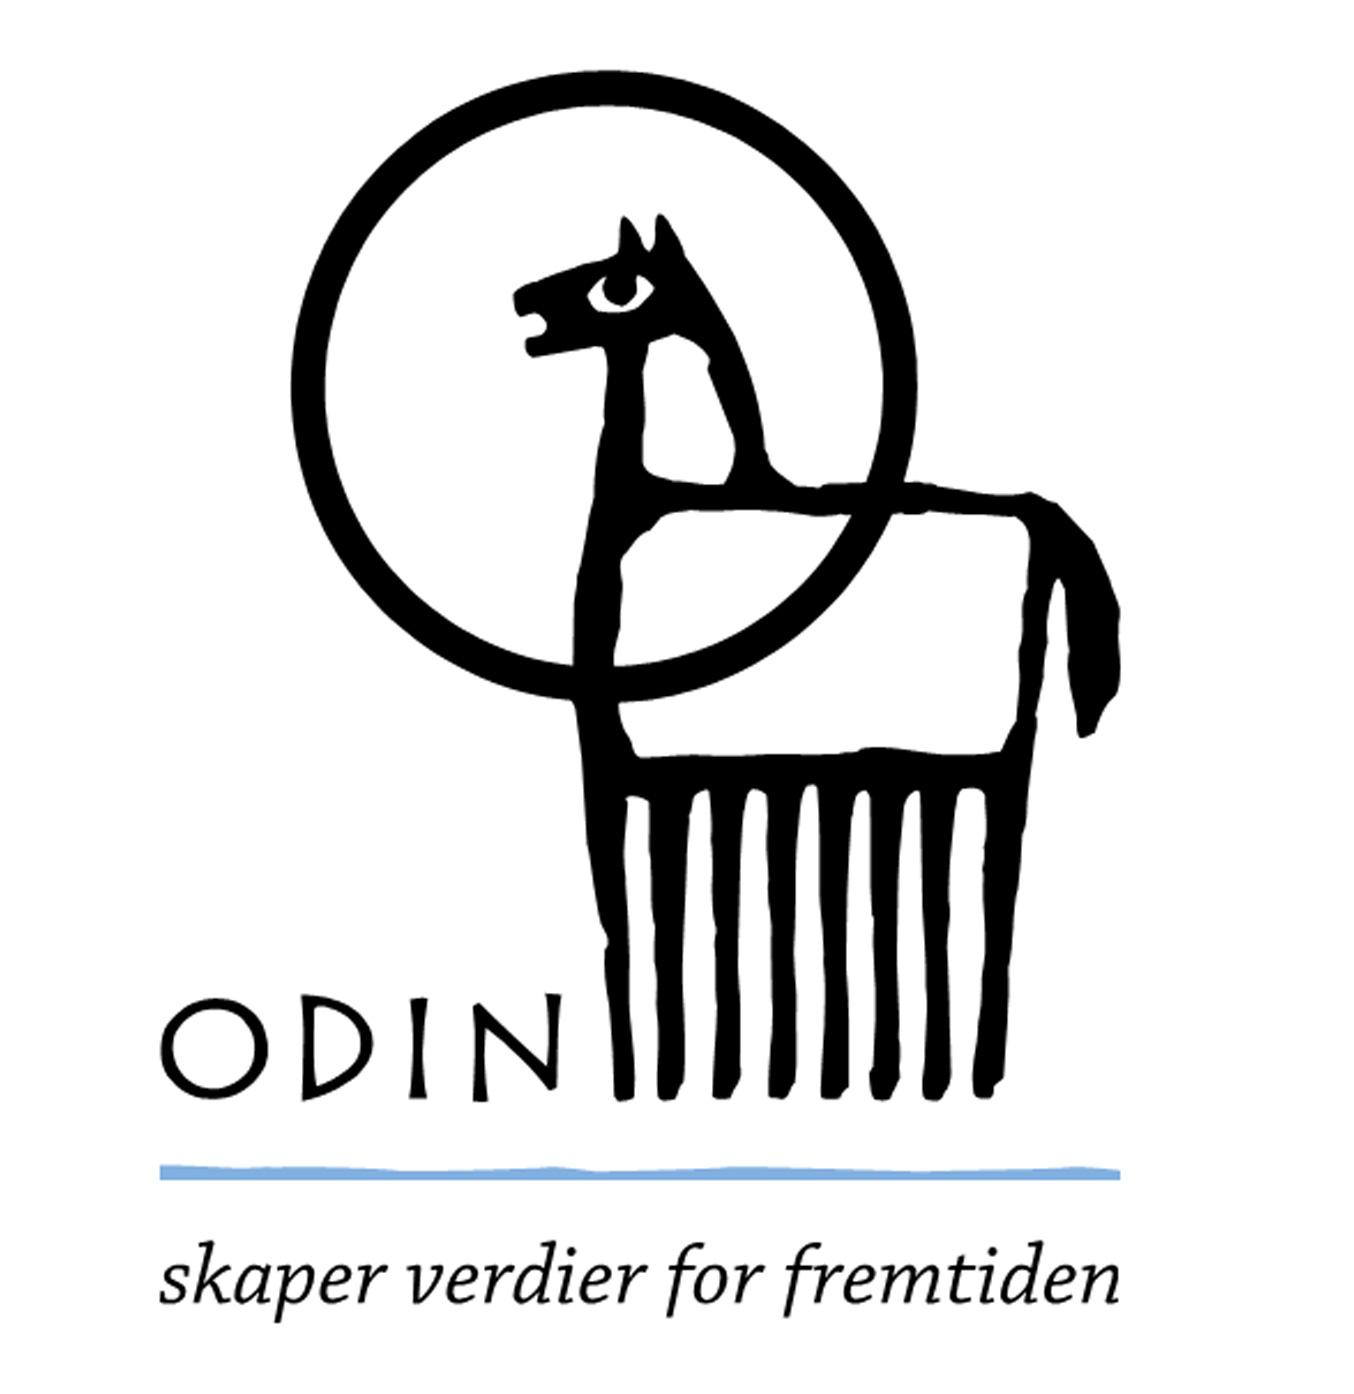 odin-share.jpg